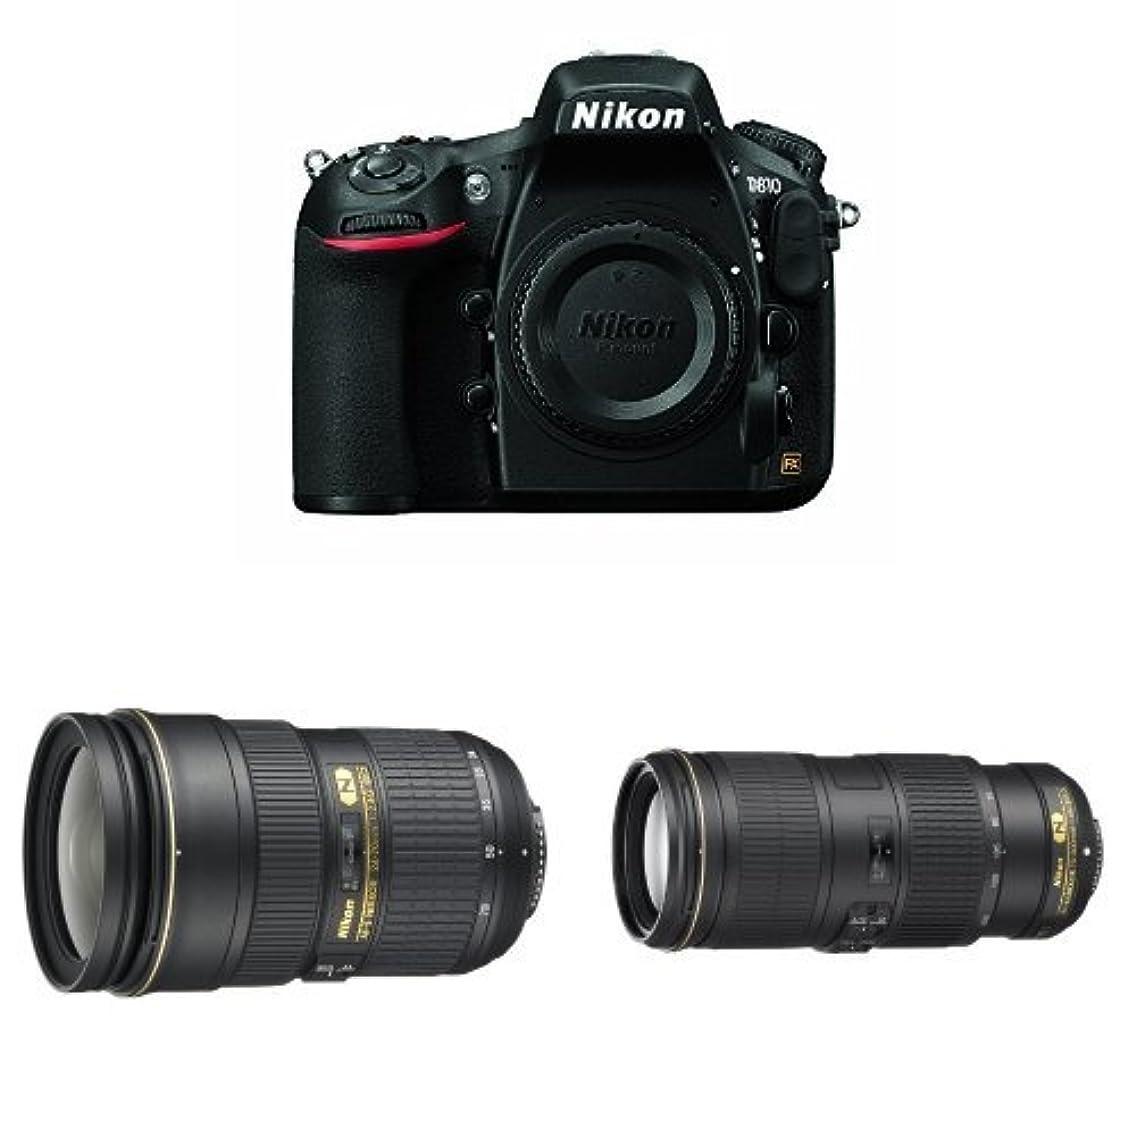 Nikon D810 Digital SLR Camera w Nikkor 24-70mm F2.8 and Nikkor 70-200mm F4 VR Lens Bundle